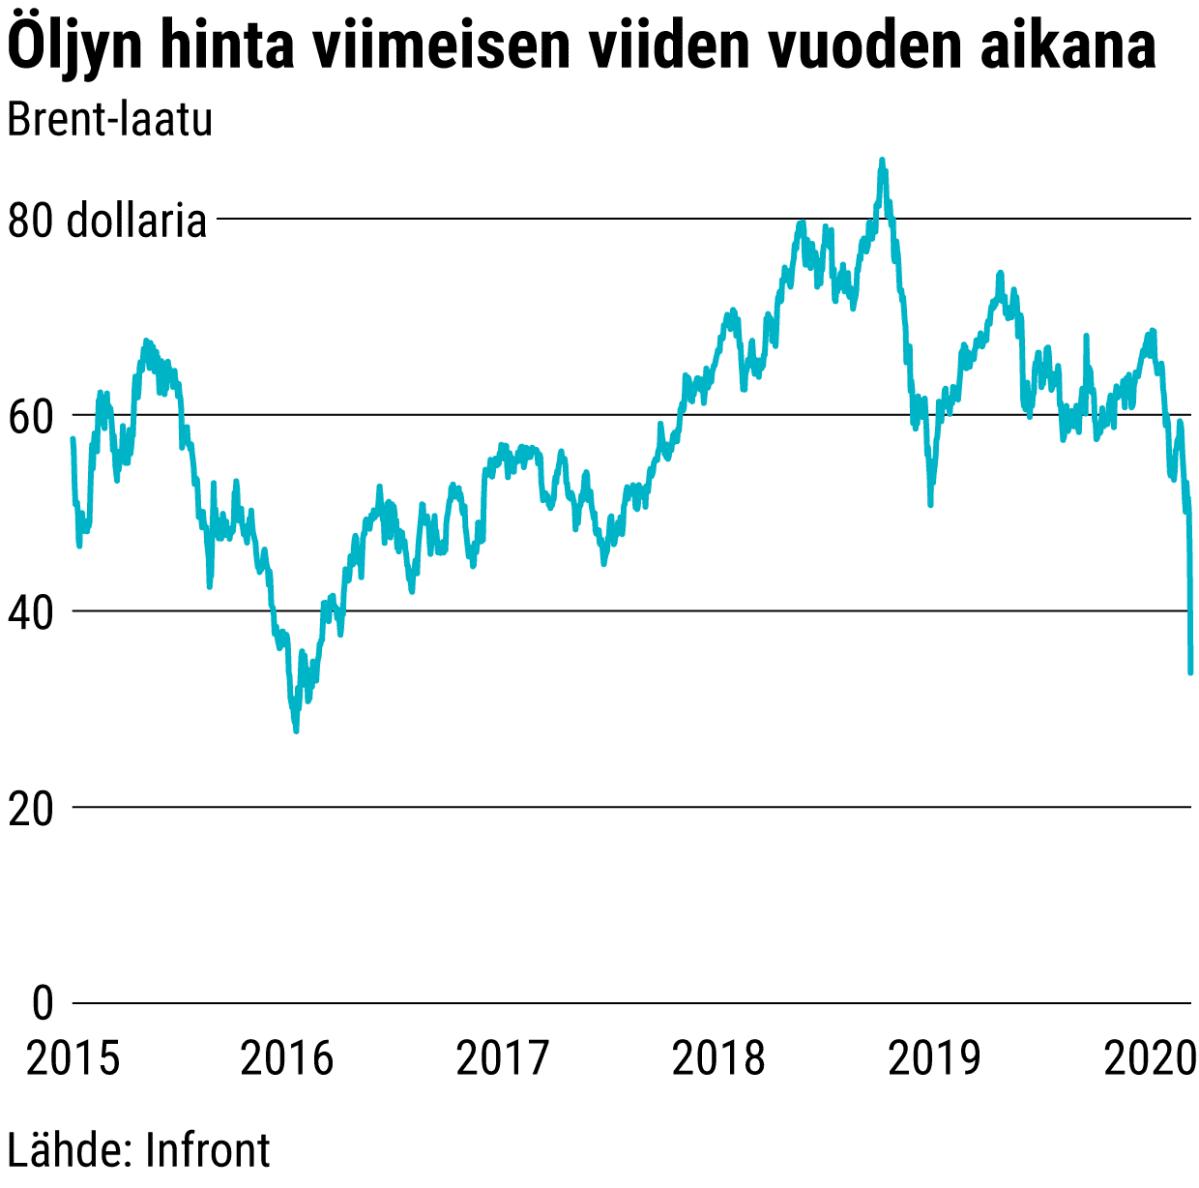 Öljyn hinta viimeisen viiden vuoden aikana